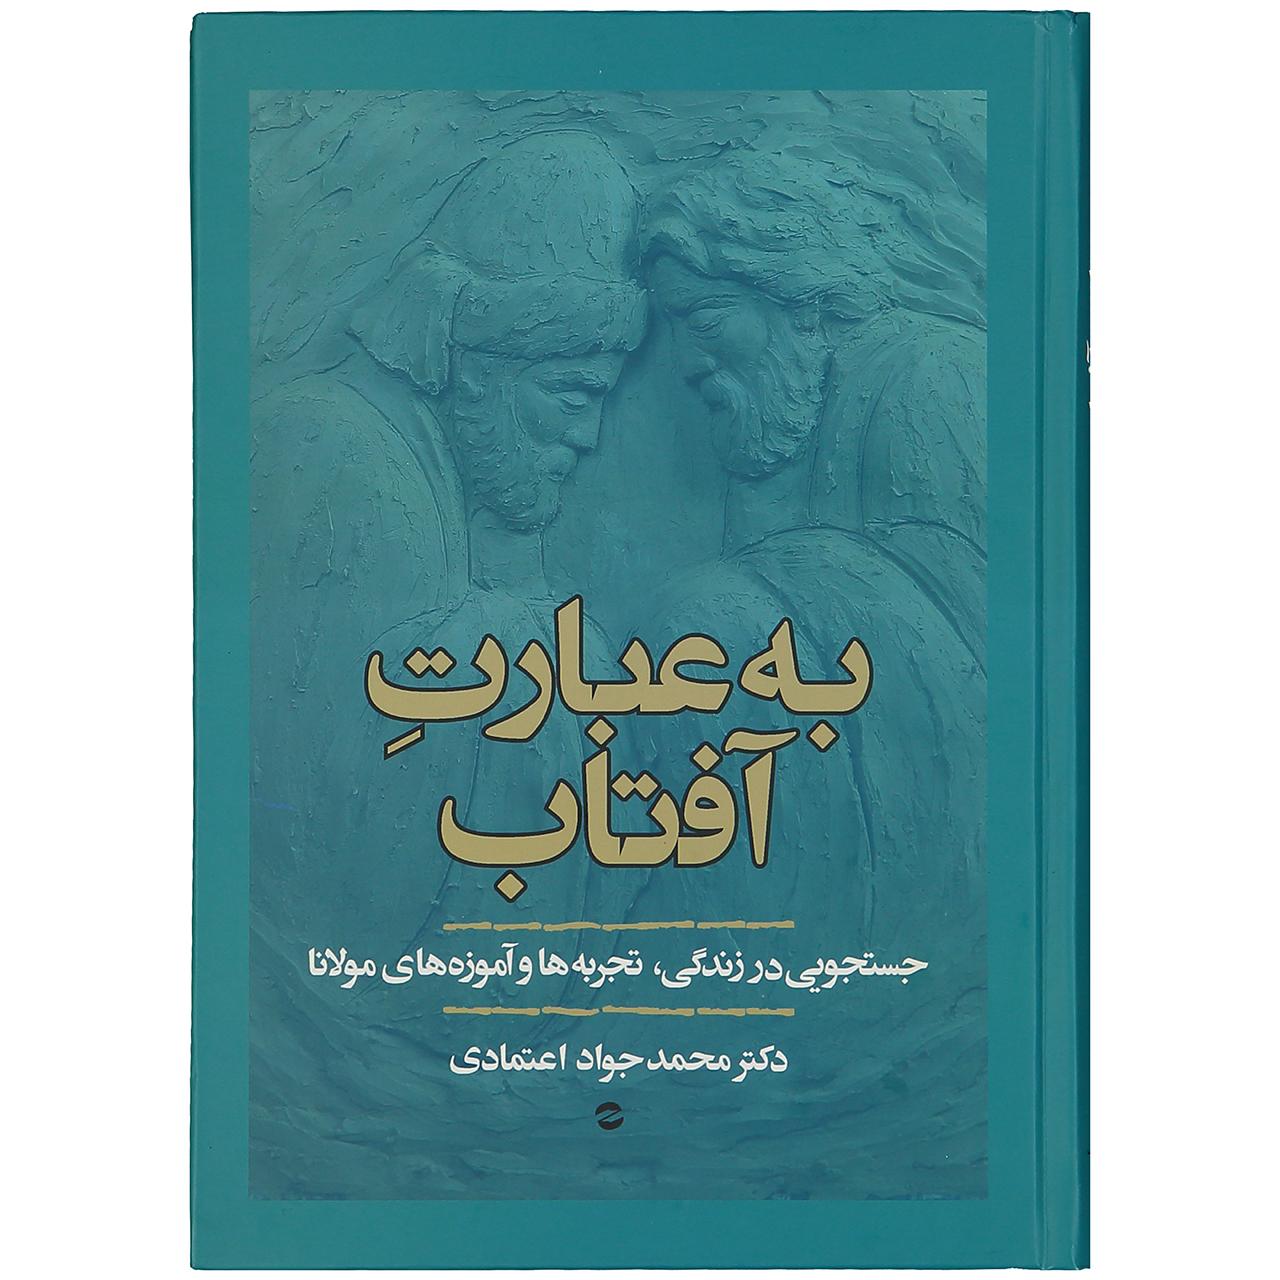 خرید                      کتاب به عبارت آفتاب اثر دکتر محمد جواد اعتمادی